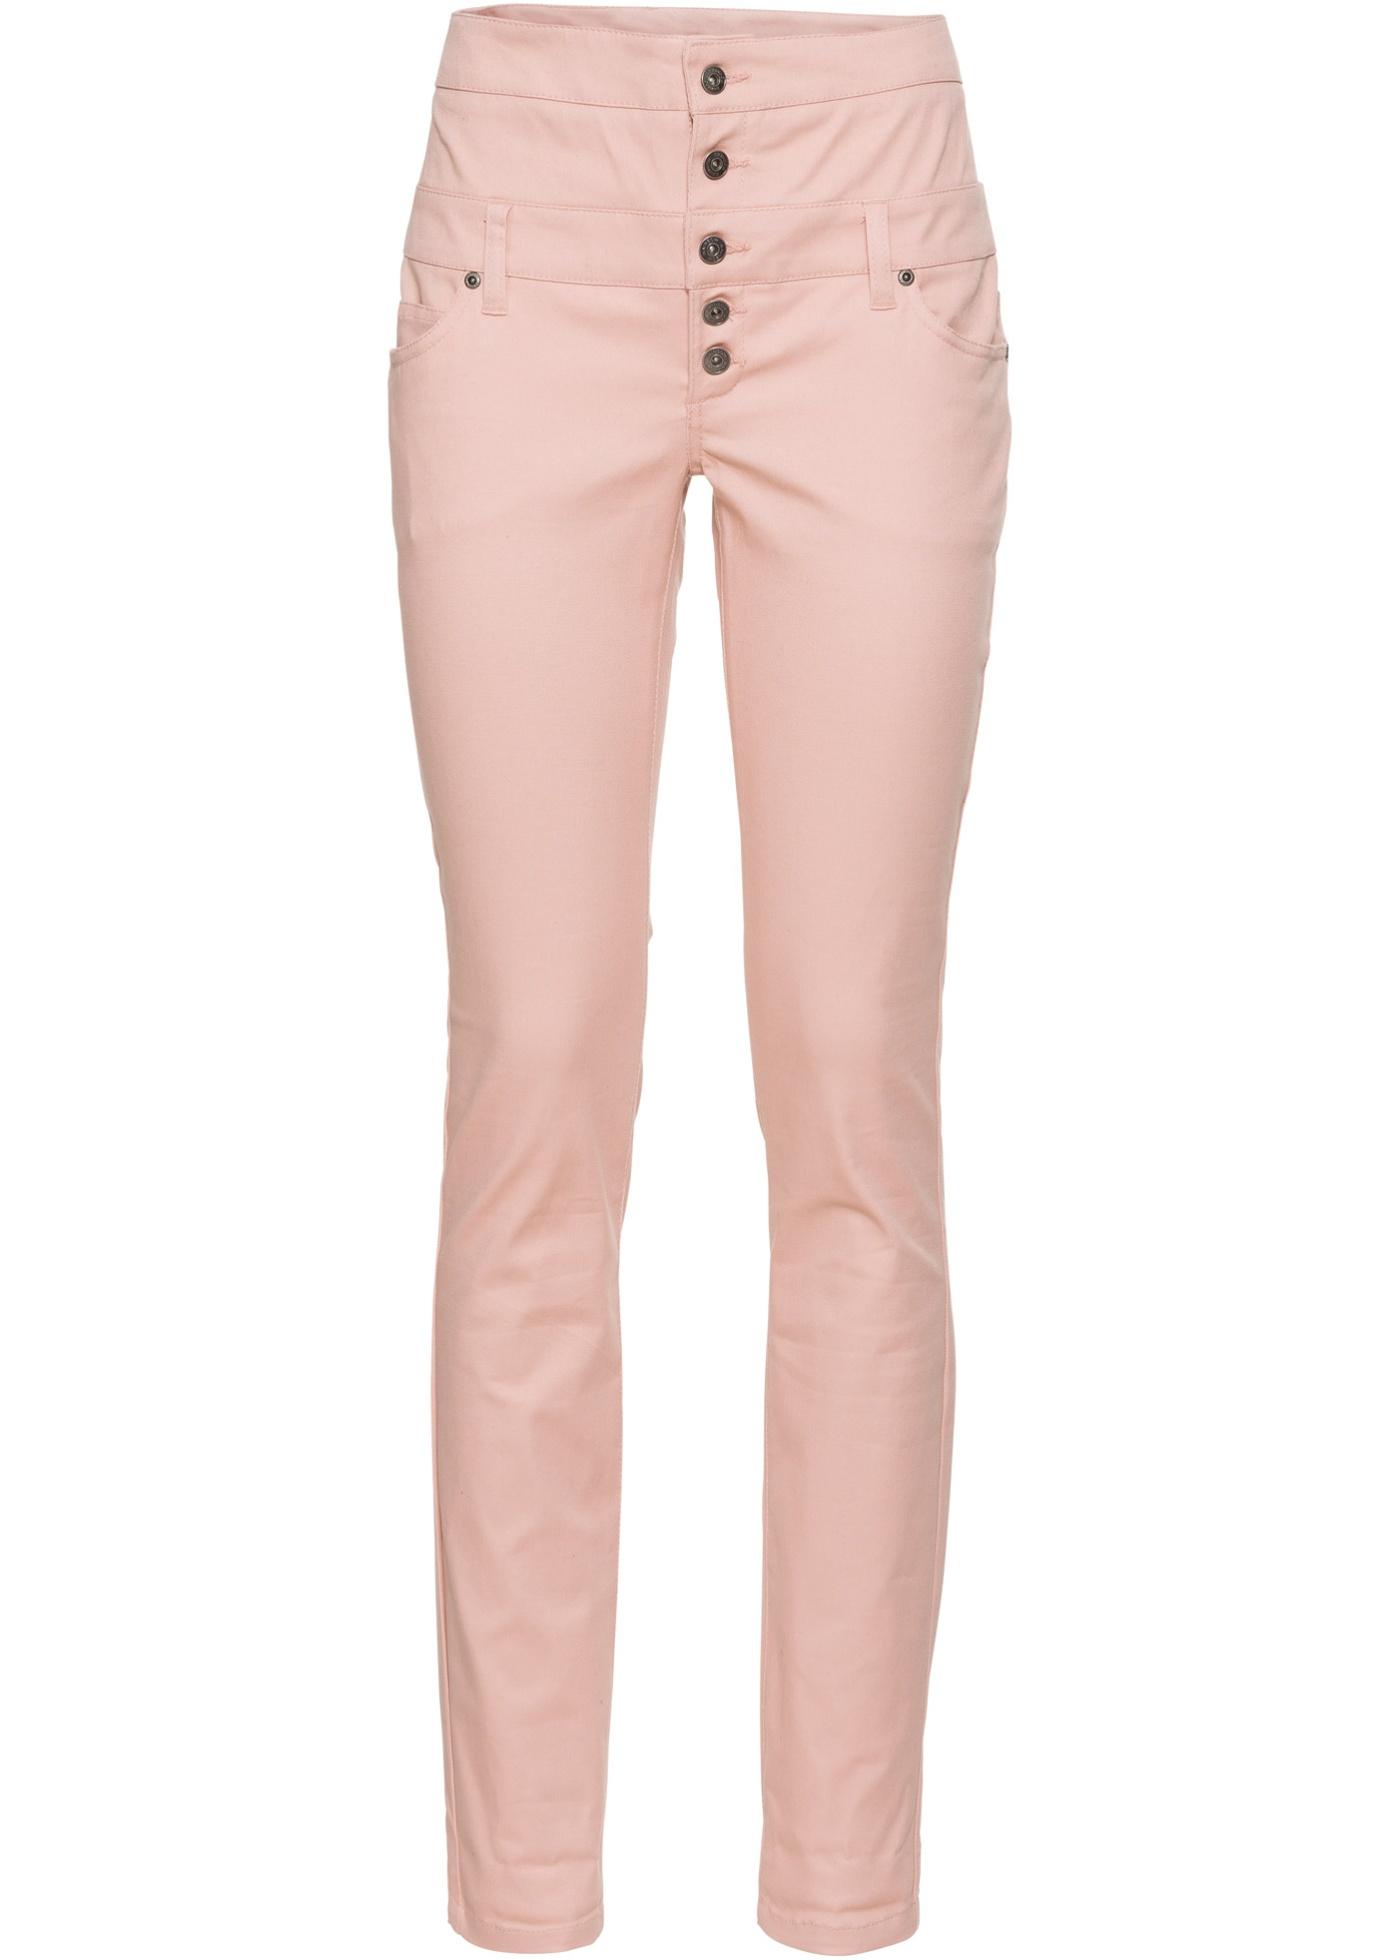 Strečové kalhoty Skinny - Růžová